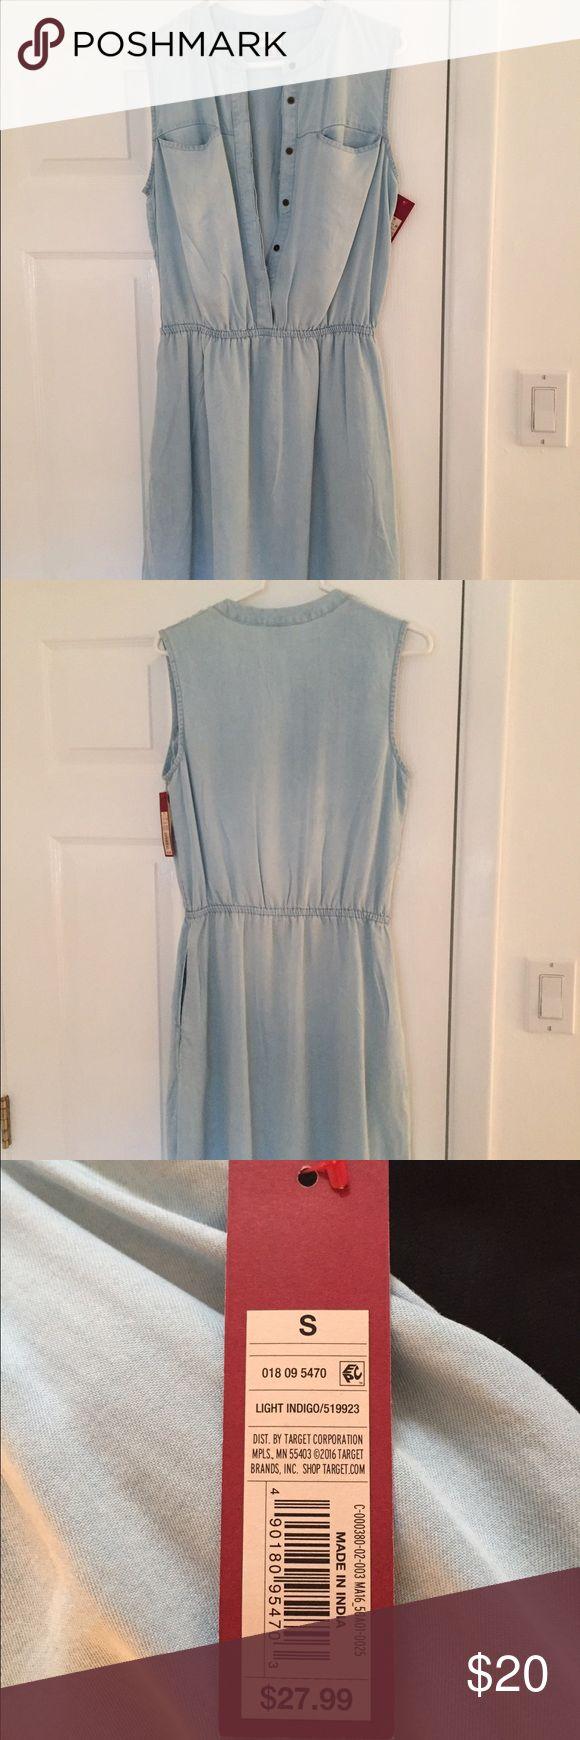 NWT chambray dress Chambray dress. Above the knee with pockets Merona Dresses Mini